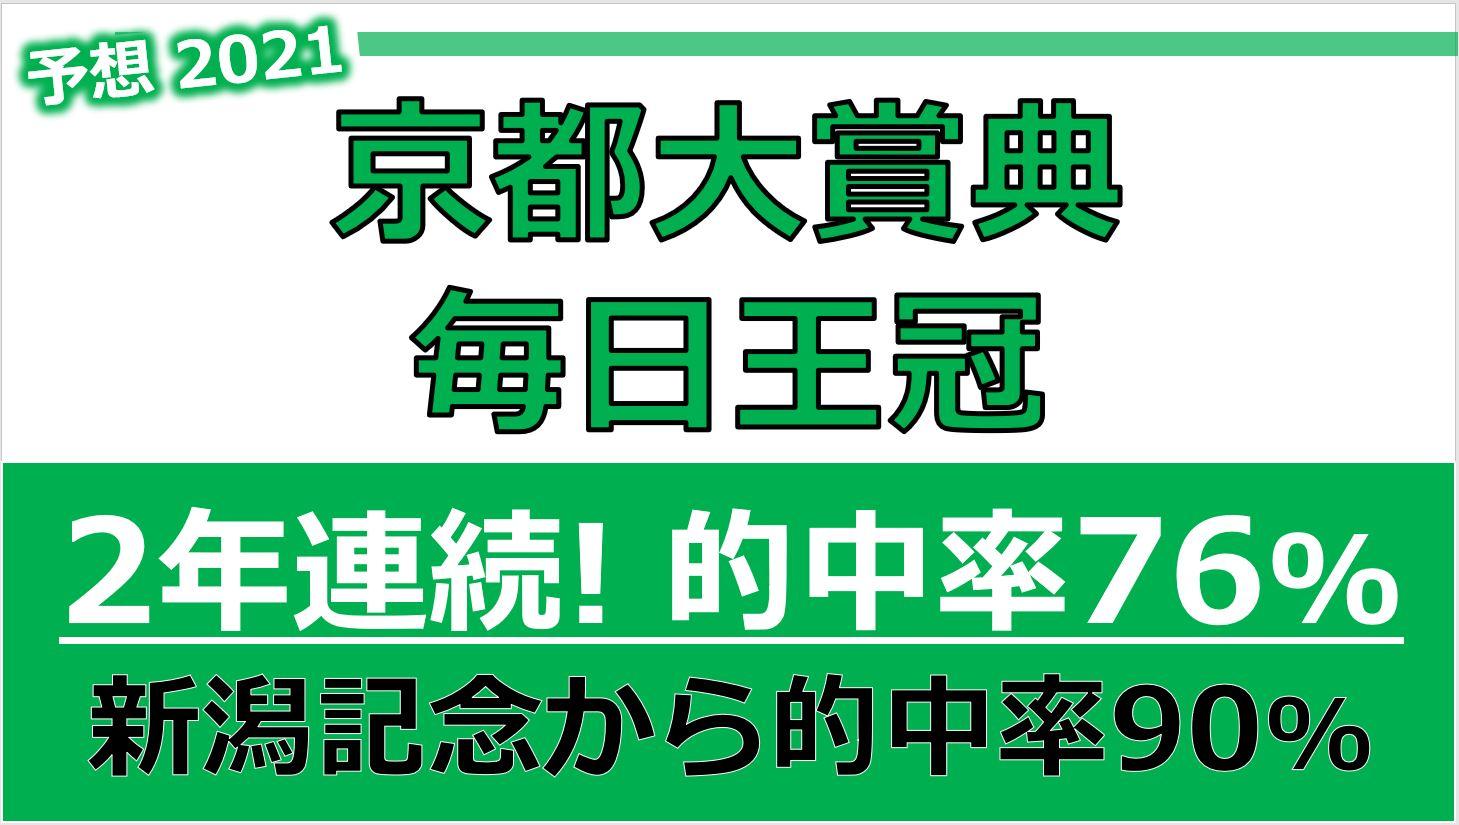 【重賞】京都大賞典/毎日王冠2021|驚異! 年間回収率 123%